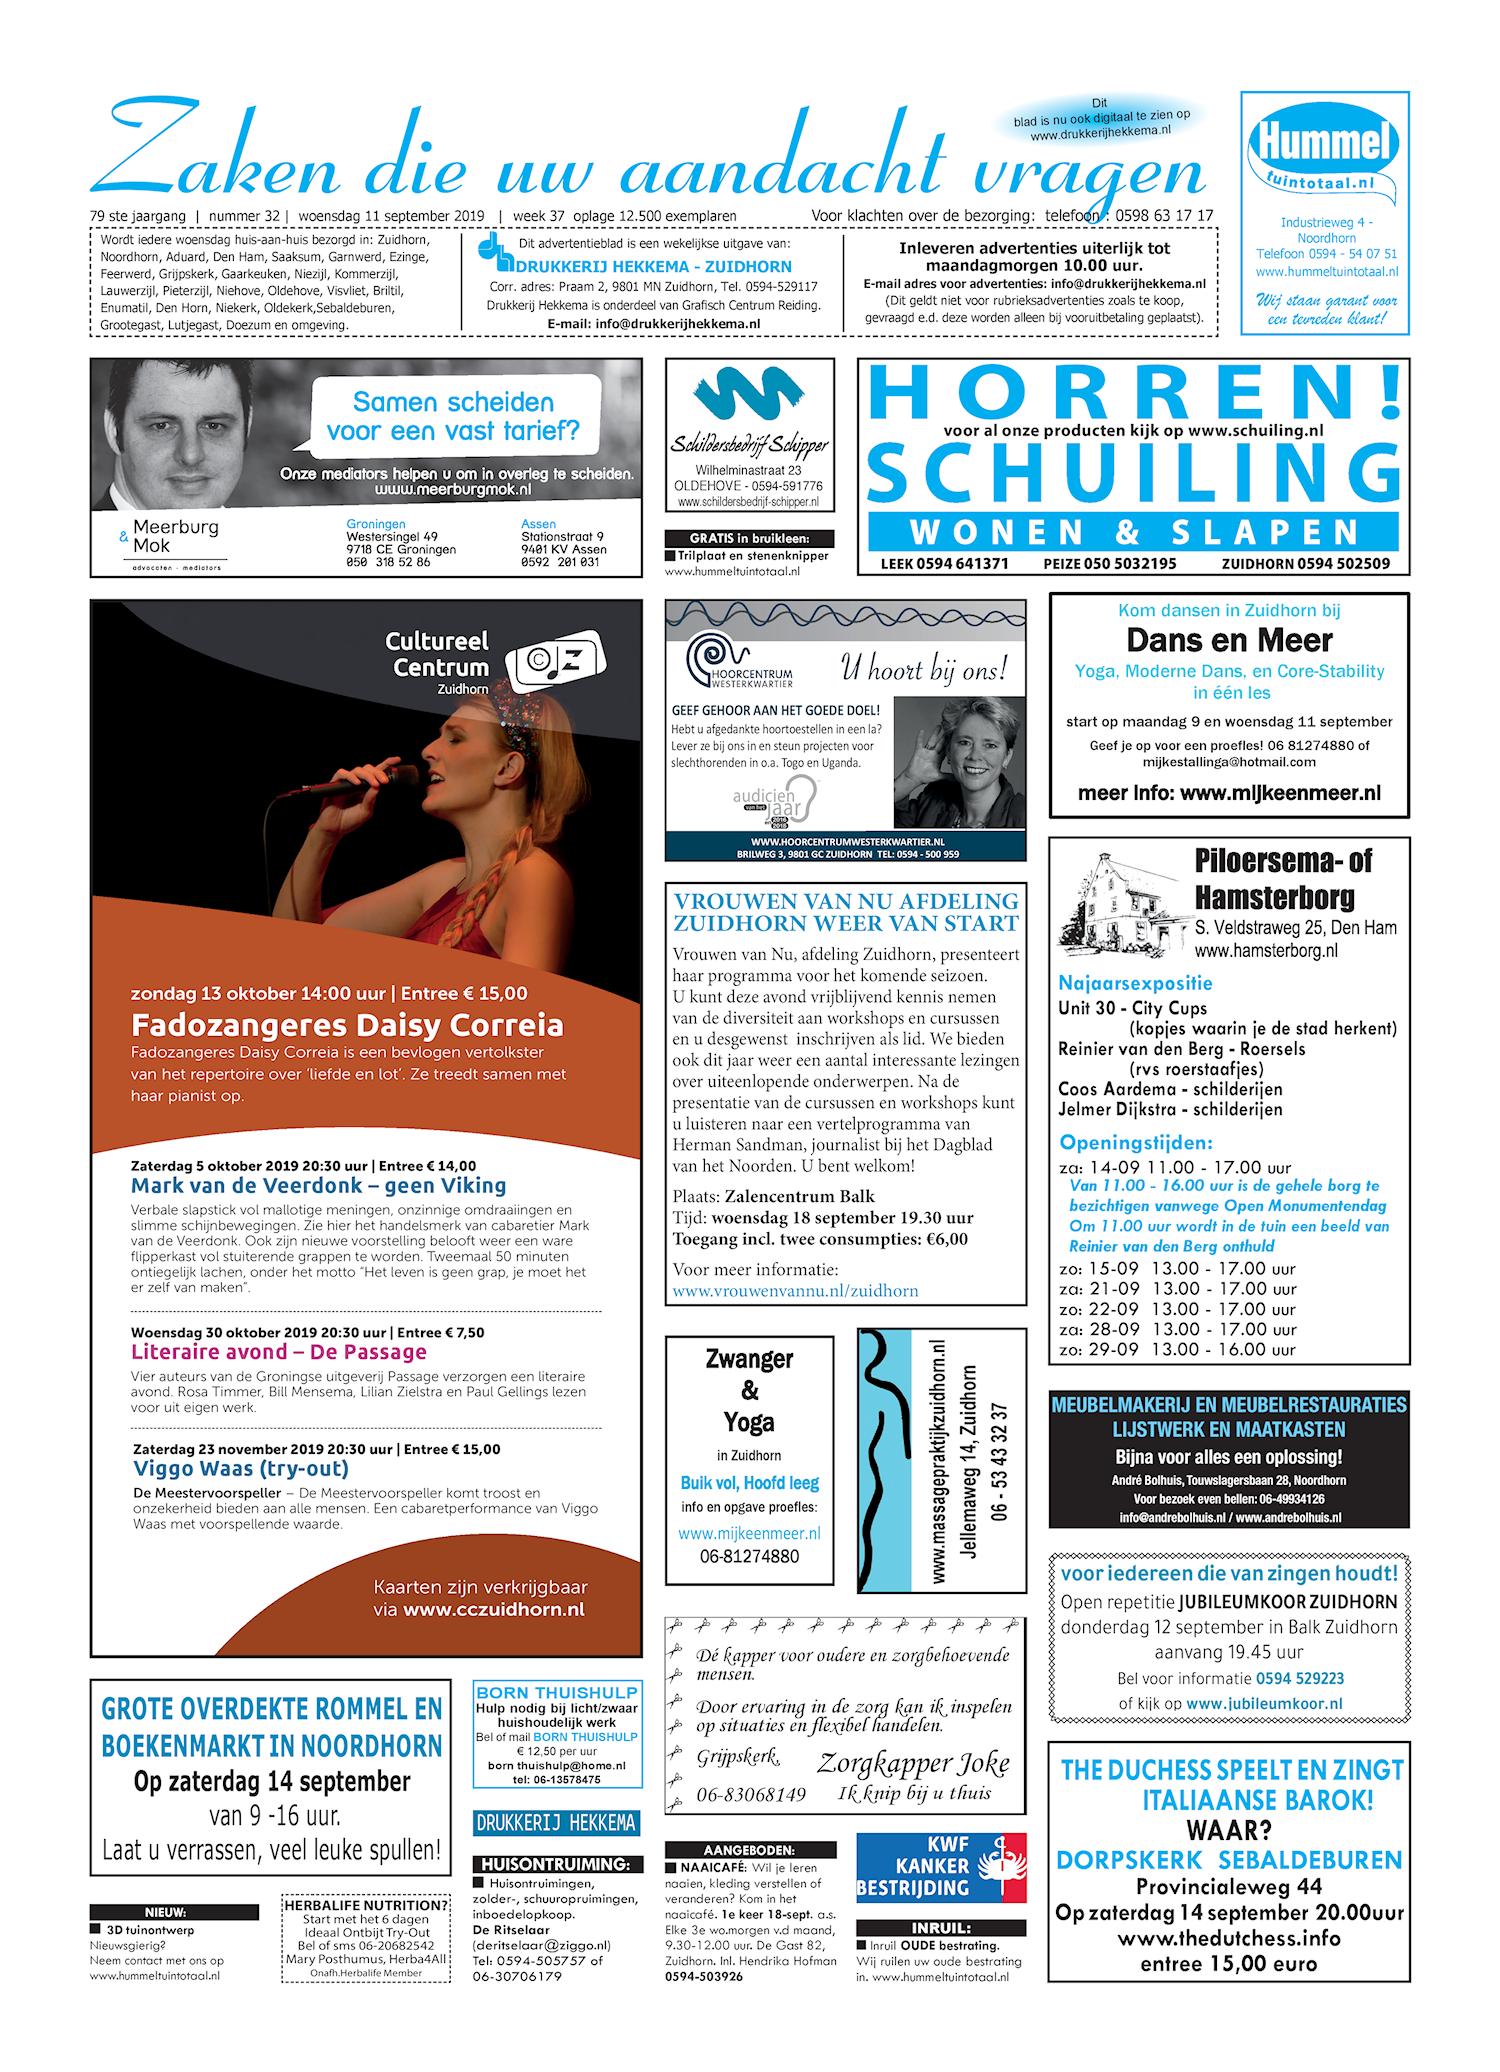 Drukkerij Hekkema - Zuidhorn - Zaken die uw aandacht vragen 2019 week 37